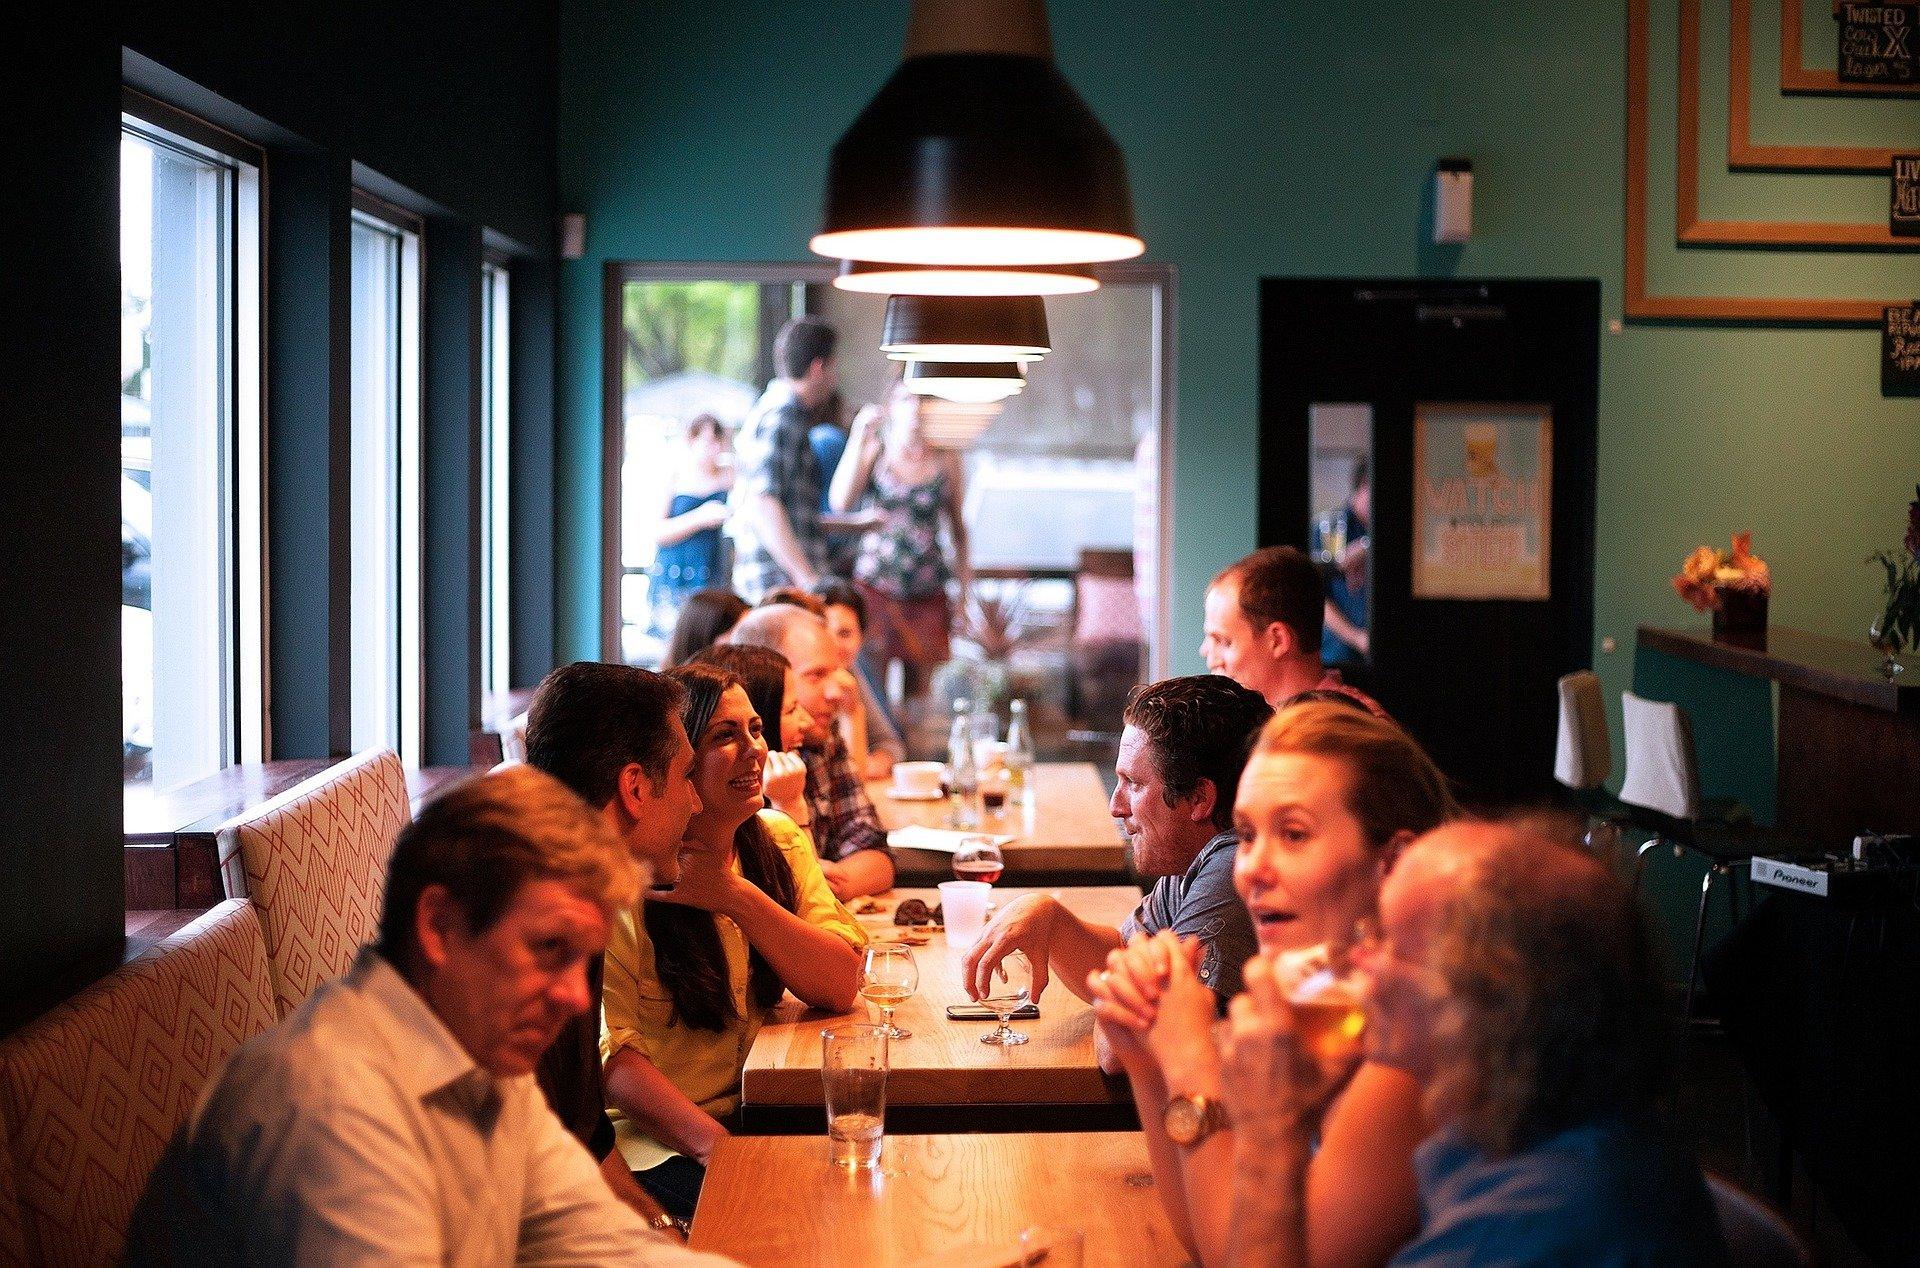 Нижегородские рестораторы намерены оплачивать парковку своих посетителей - фото 1